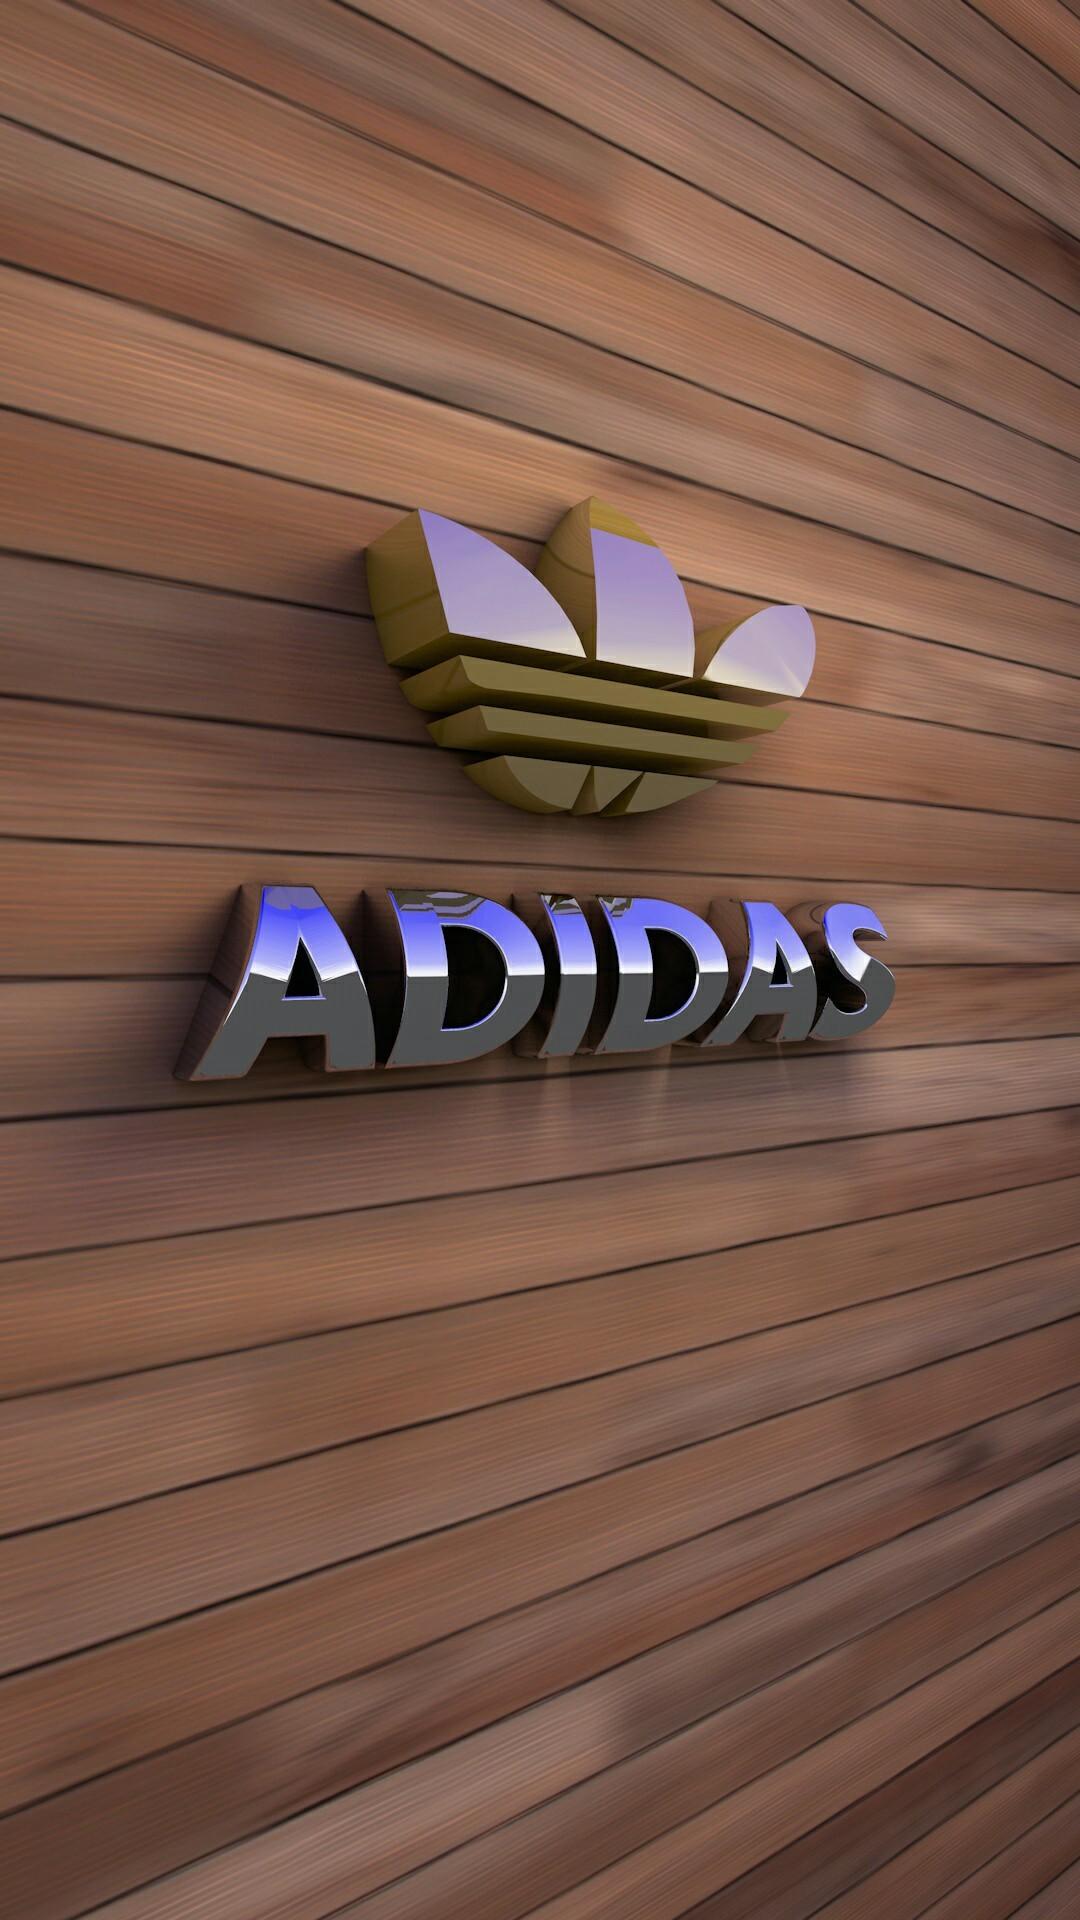 3d Art Street Wallpapers Adidas Logo Wallpaper 2018 71 Images